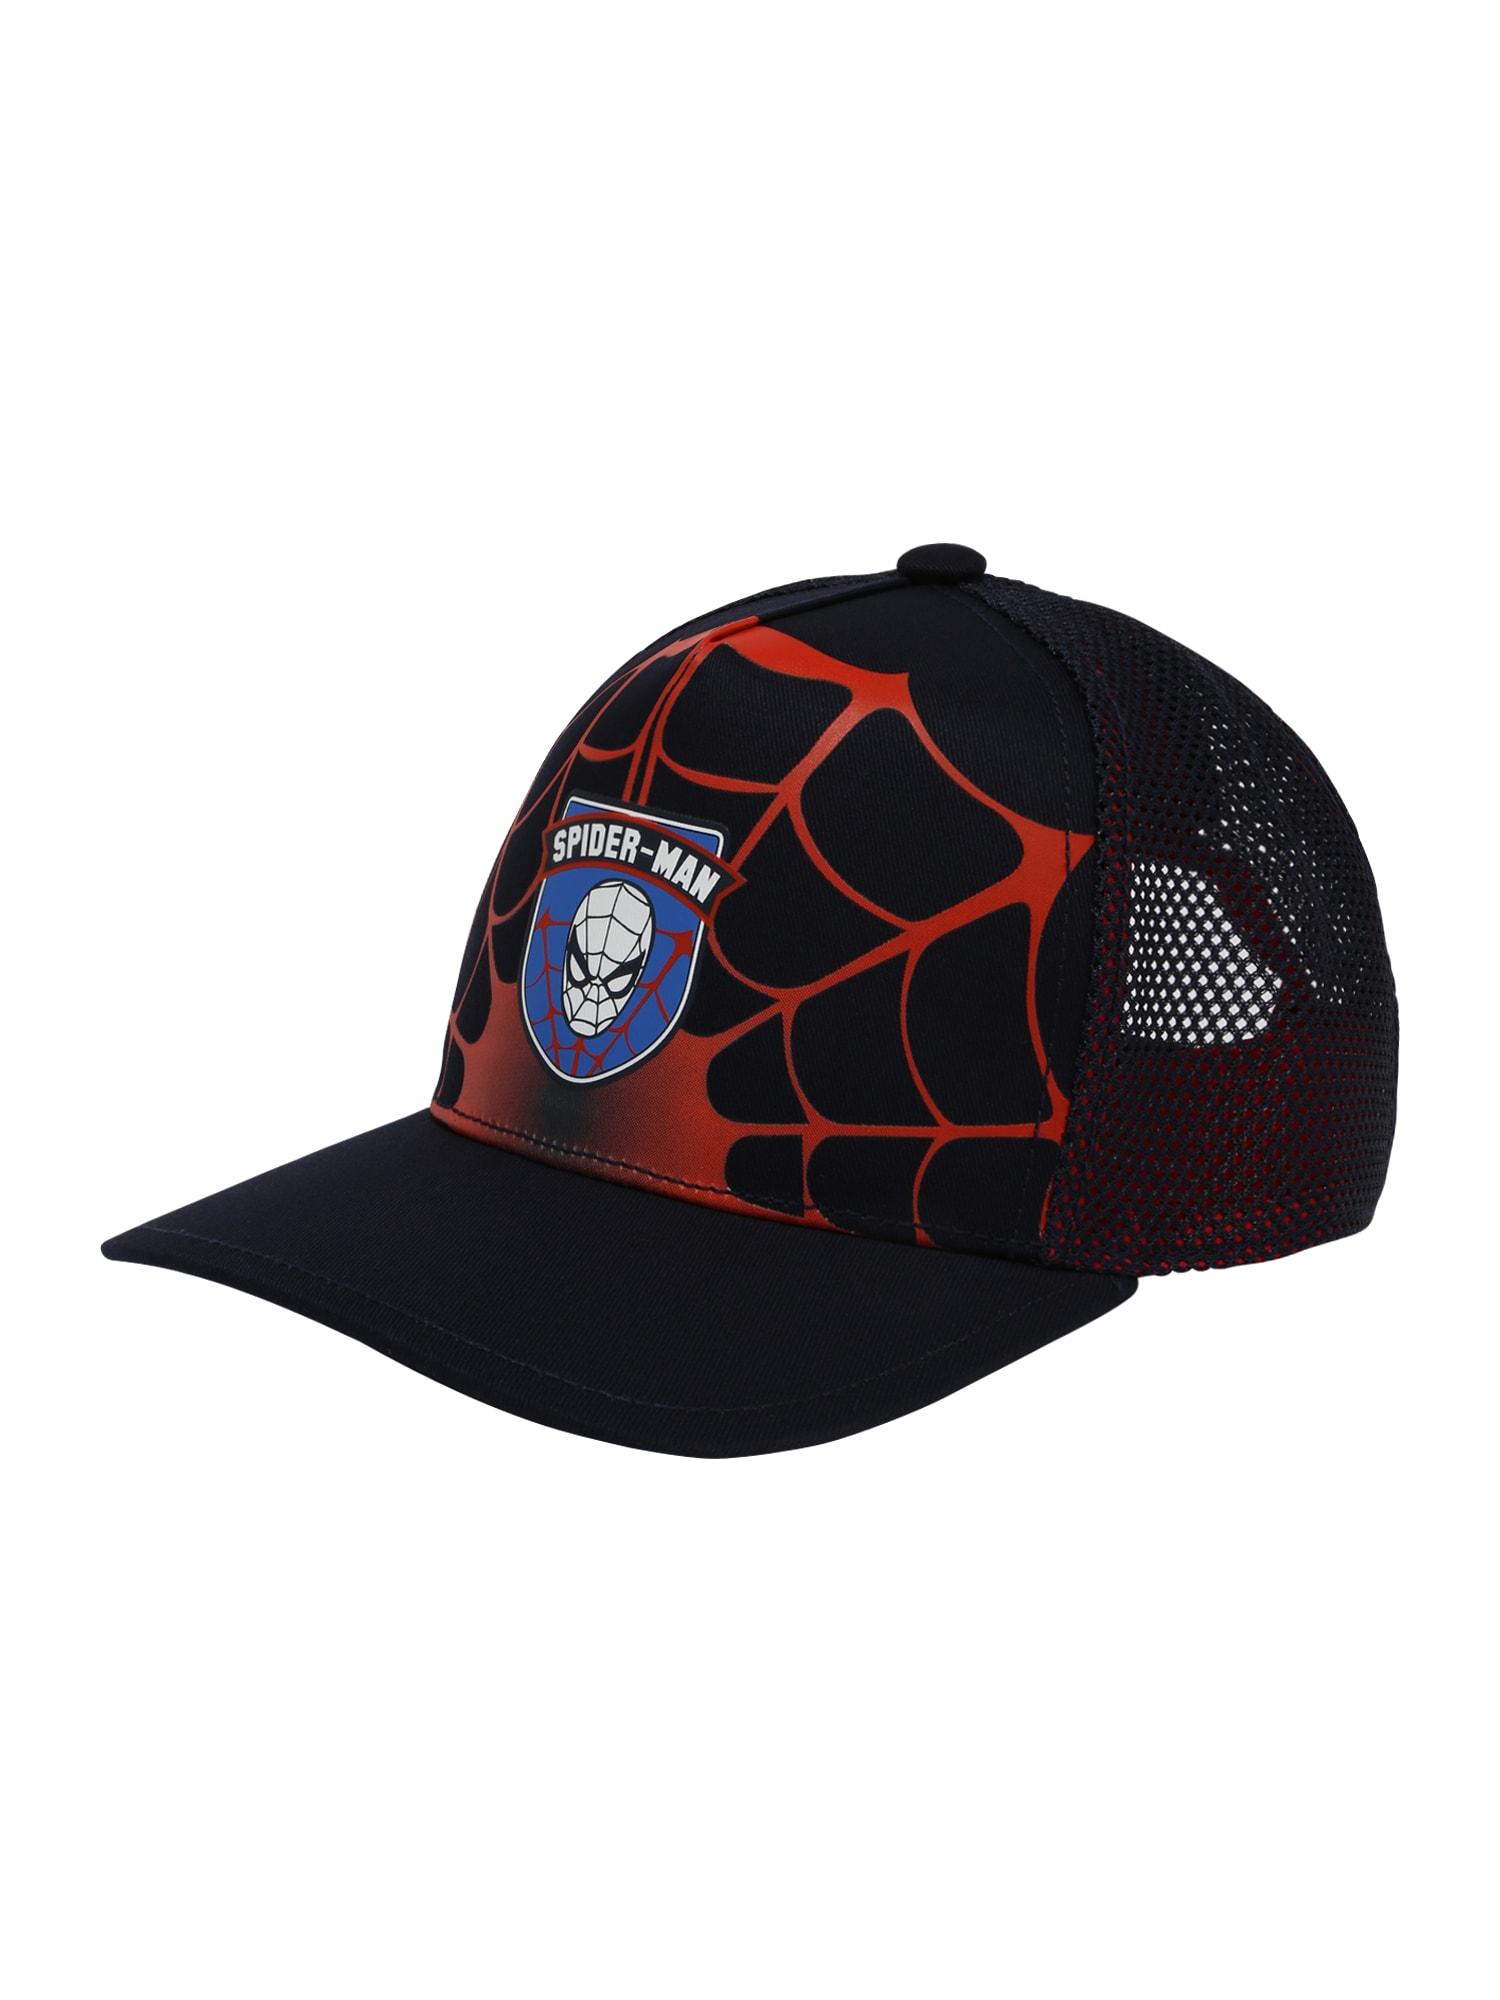 ADIDAS PERFORMANCE Sportinė kepurė 'SPIDERMAN' juoda / raudona / mėlyna / balta